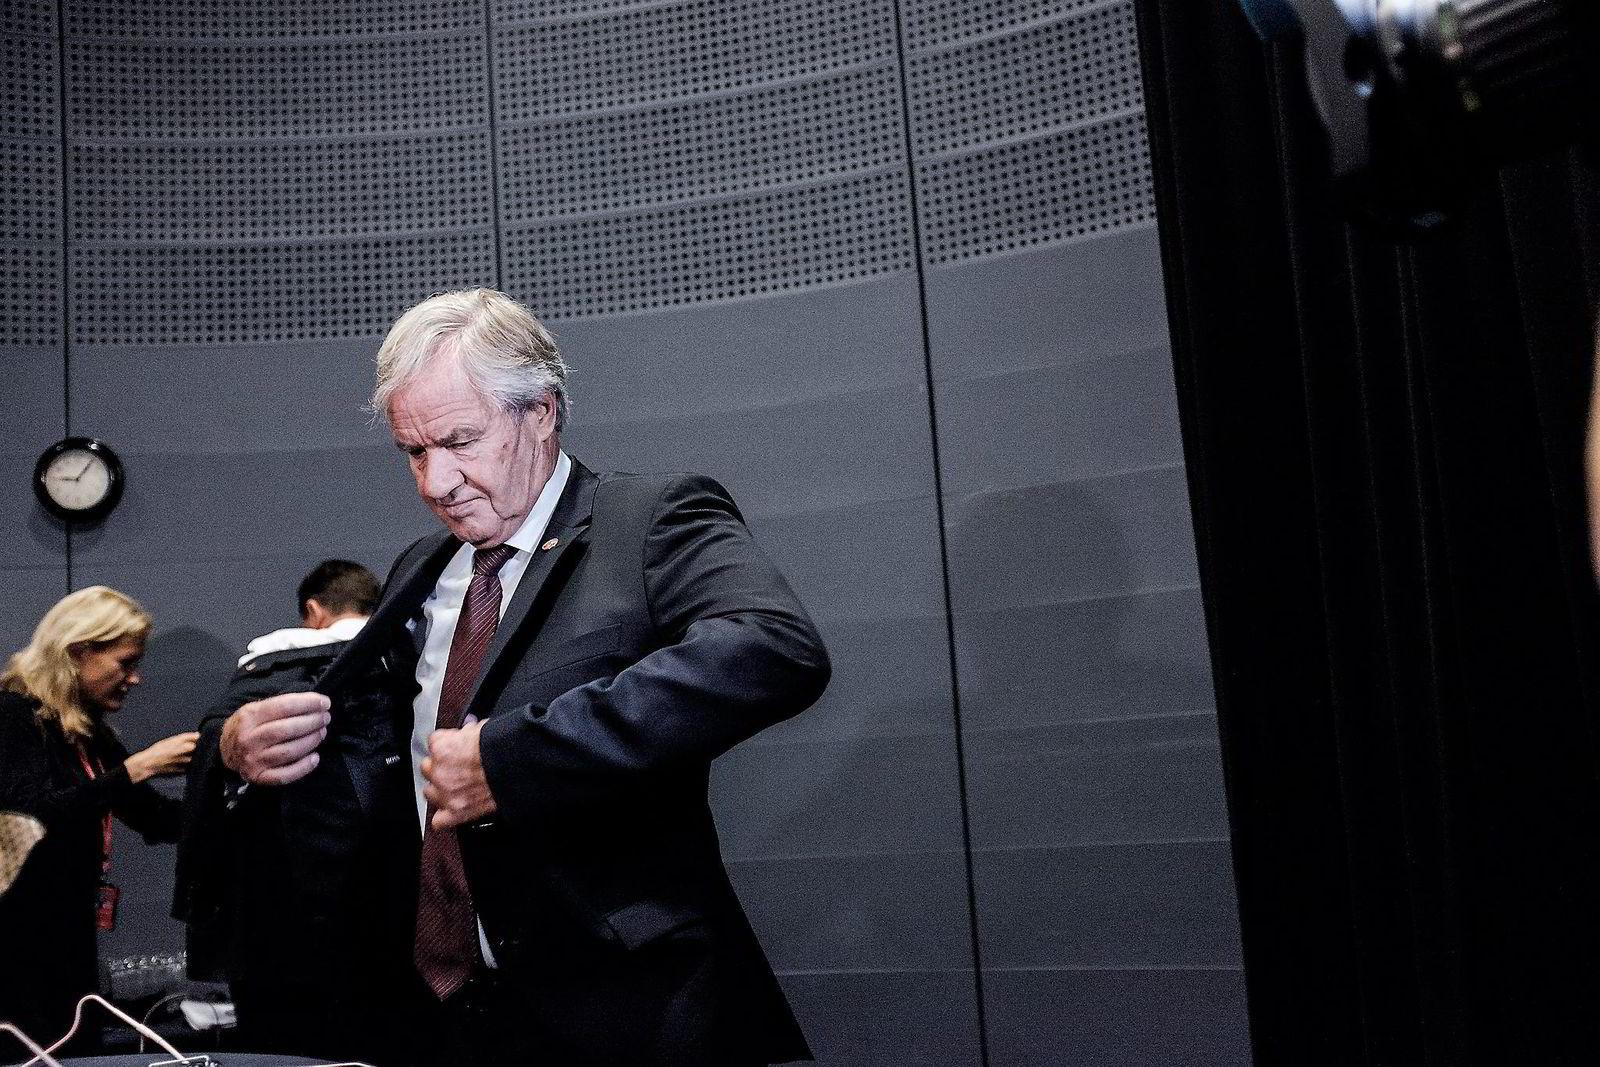 Bjørn Kjos, konsernsjef i Norwegian, venter langt på overtid på en godkjennelse fra USA for å bruke langdistanseflyet Boeing 787 Dreamliner gjennom et irsk datterselskap.